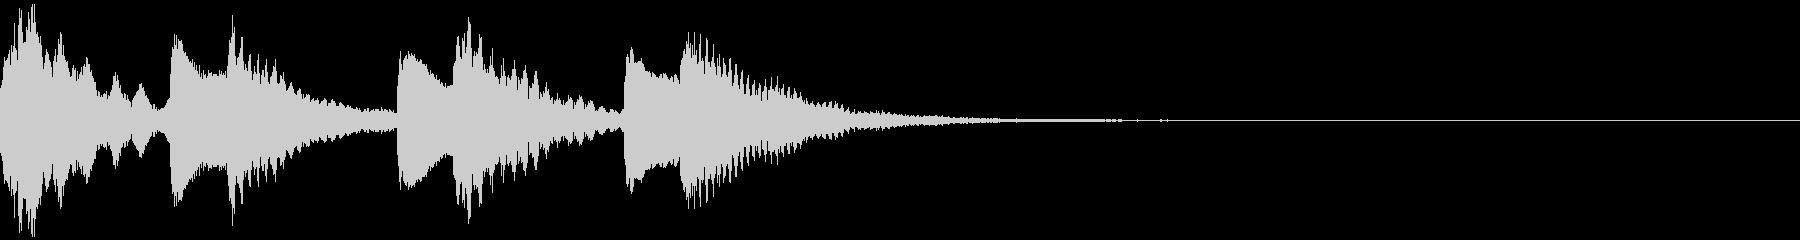 ほのぼのとしたジングル:13-2の未再生の波形